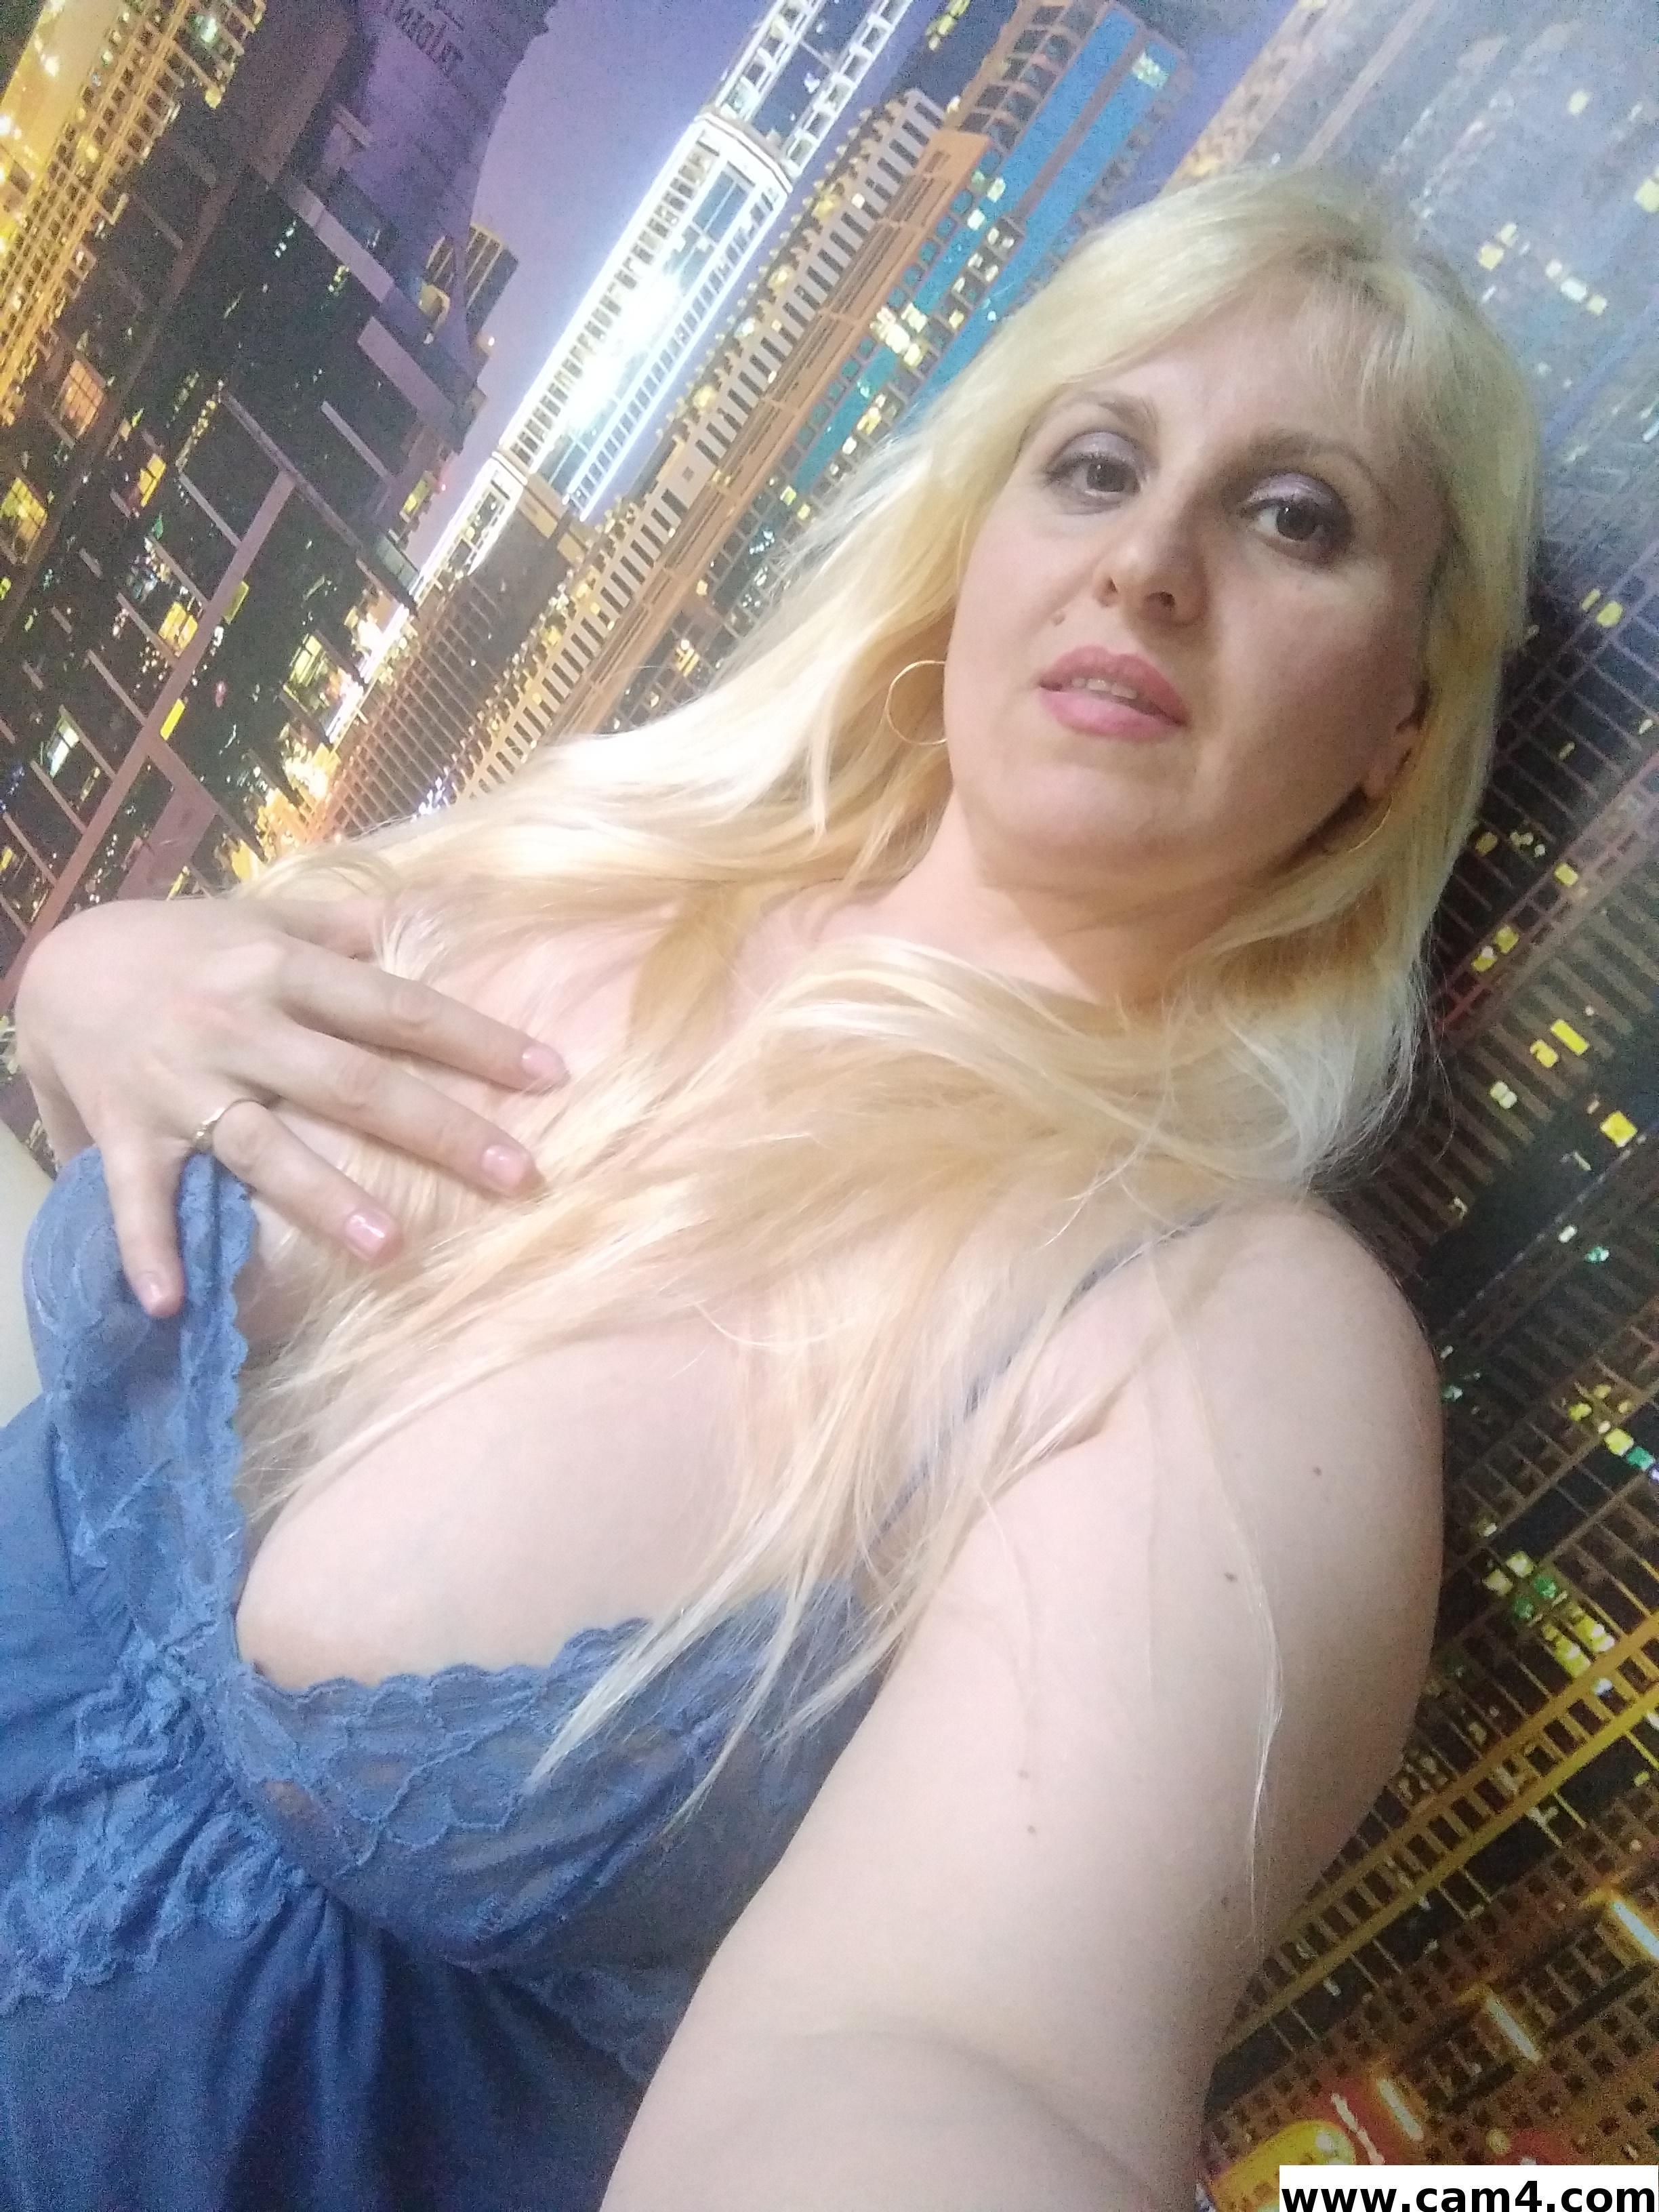 Blondabella?s=uvnya4+eclywkajolu2g14+9hainoqezvt2vzoezohk=